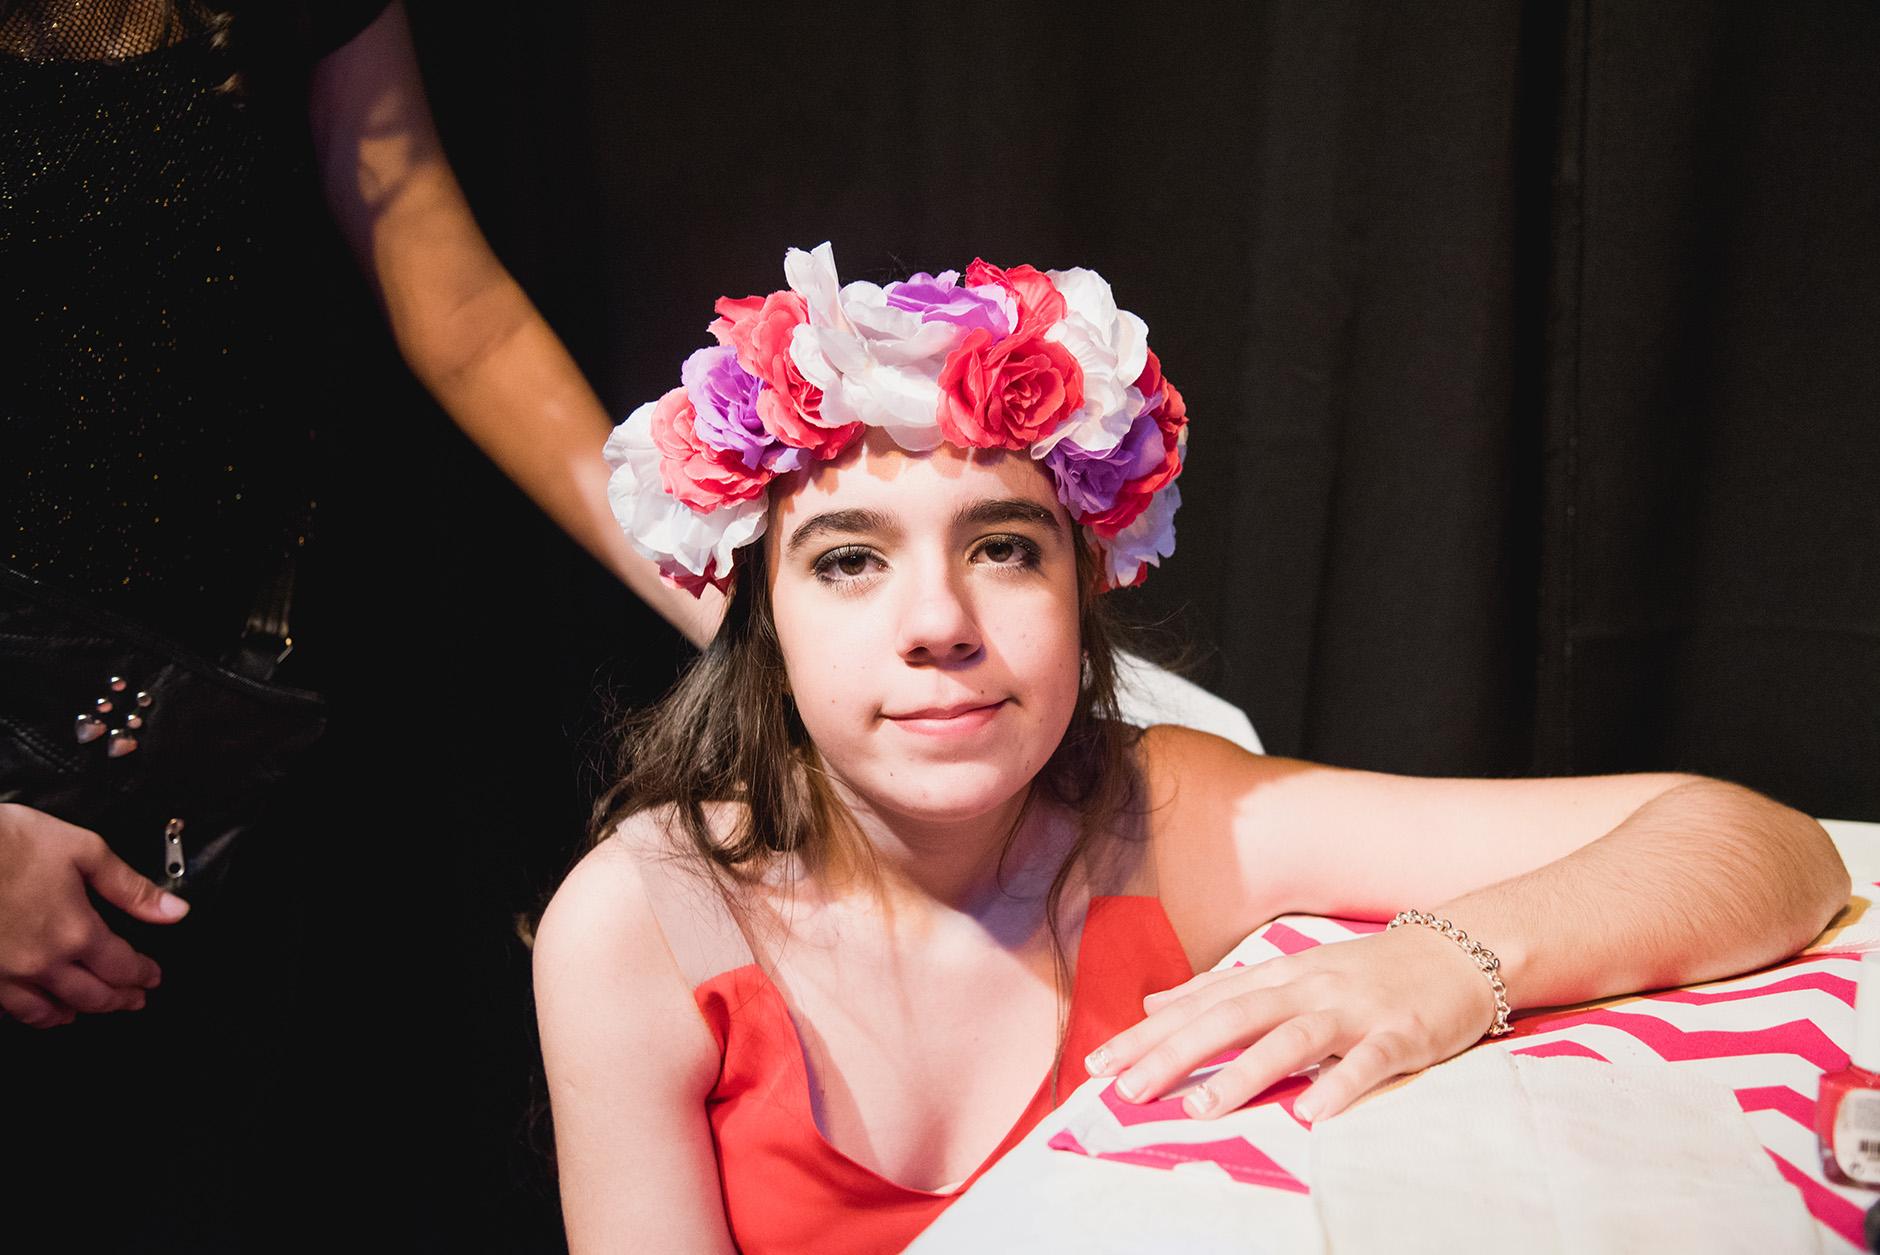 Fotos del cumpleaños de XV de Clari en Rosario Bucle Fotografias Flor Bosio y Caro Clerici